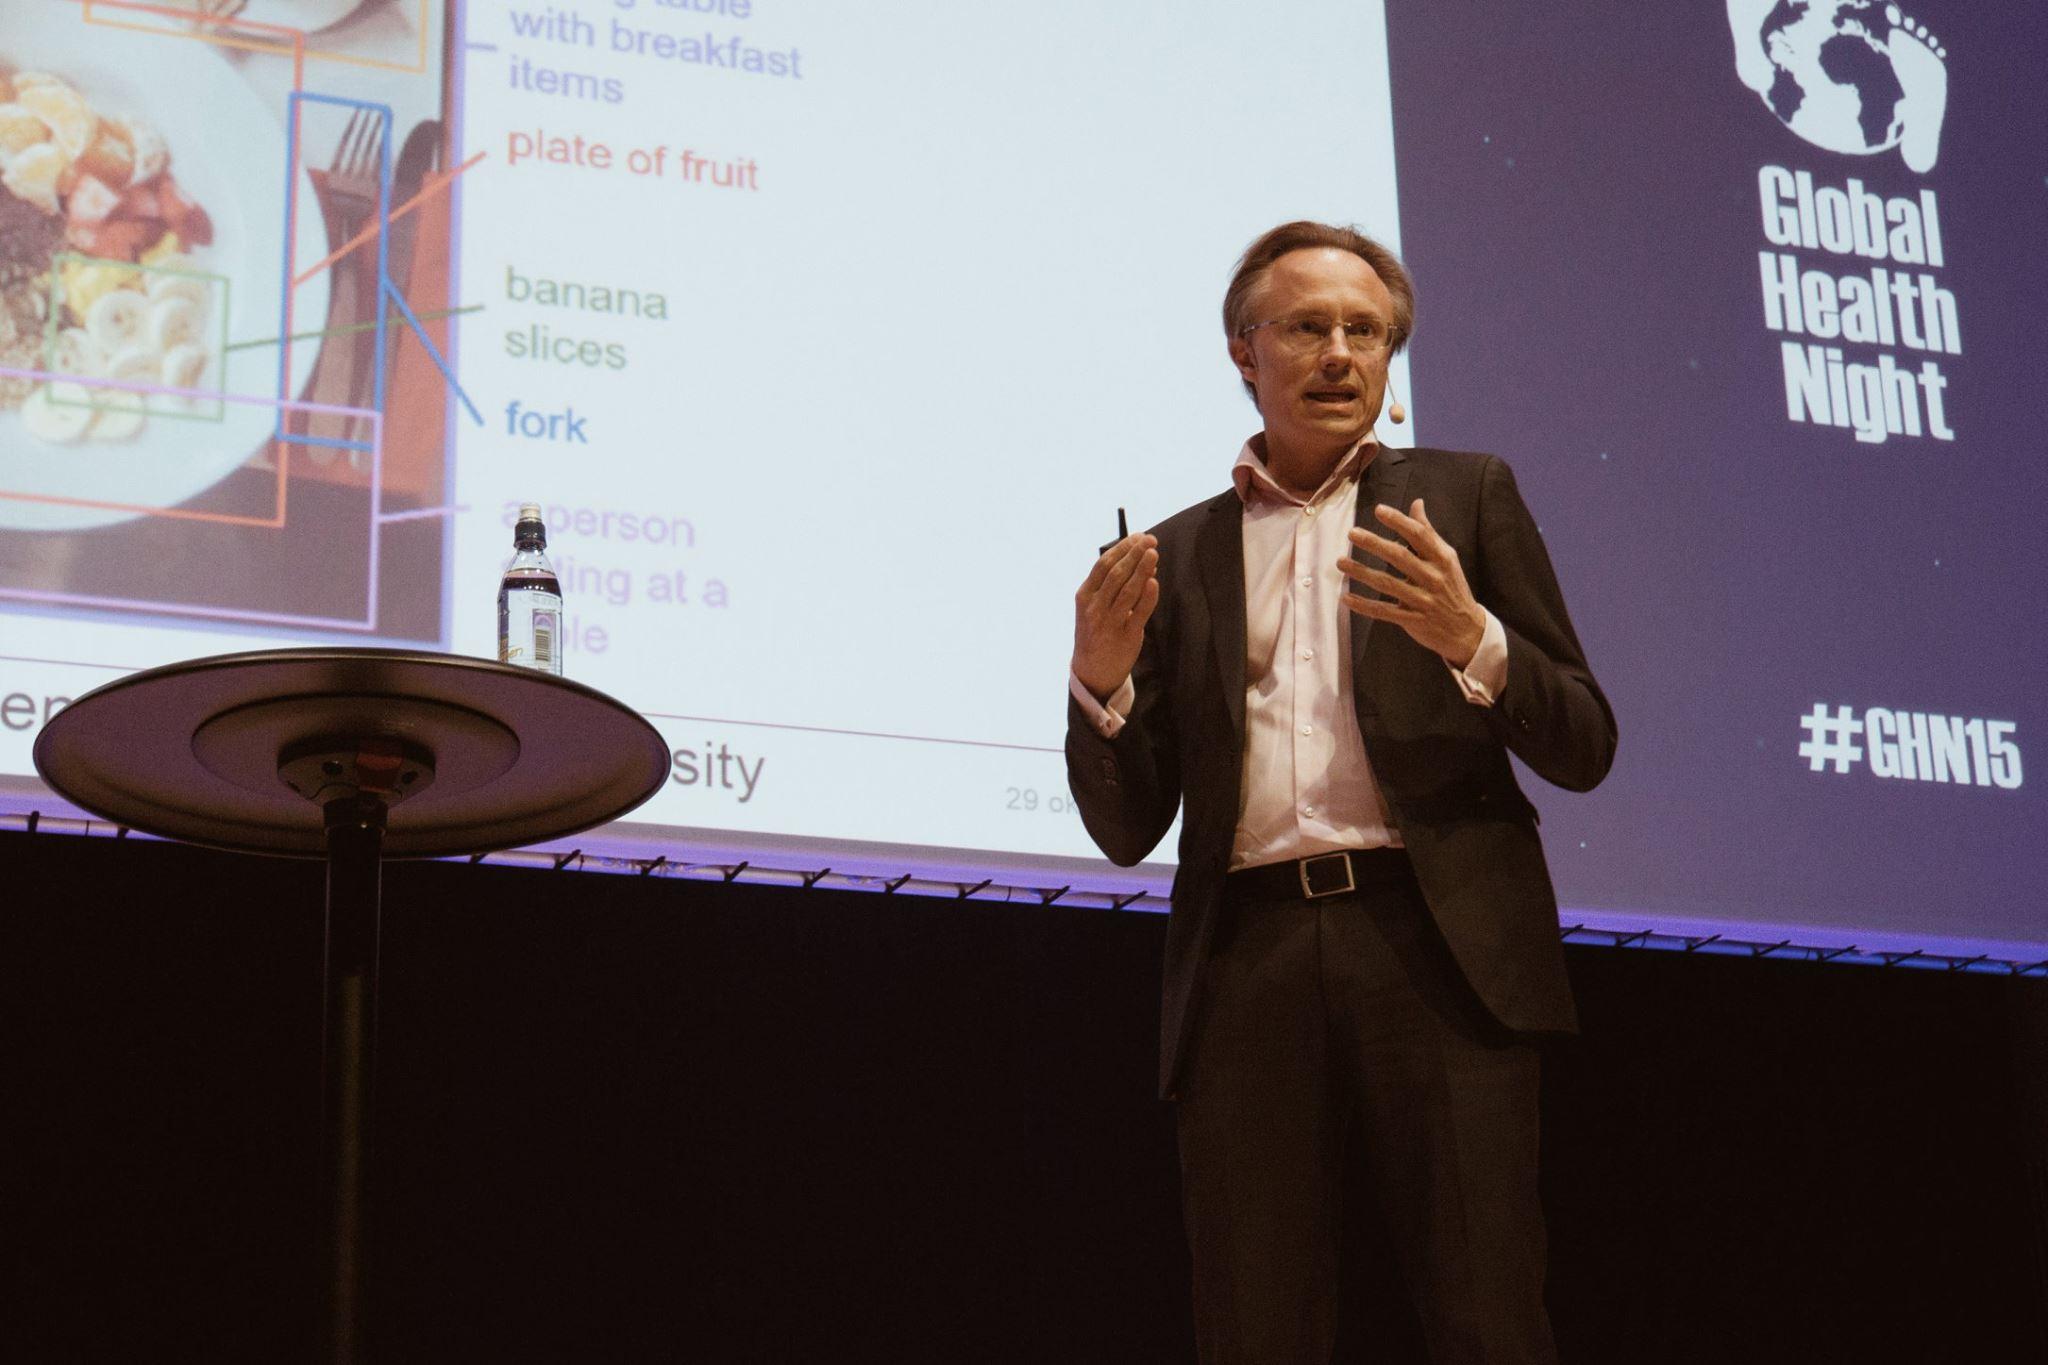 Johan Lundin